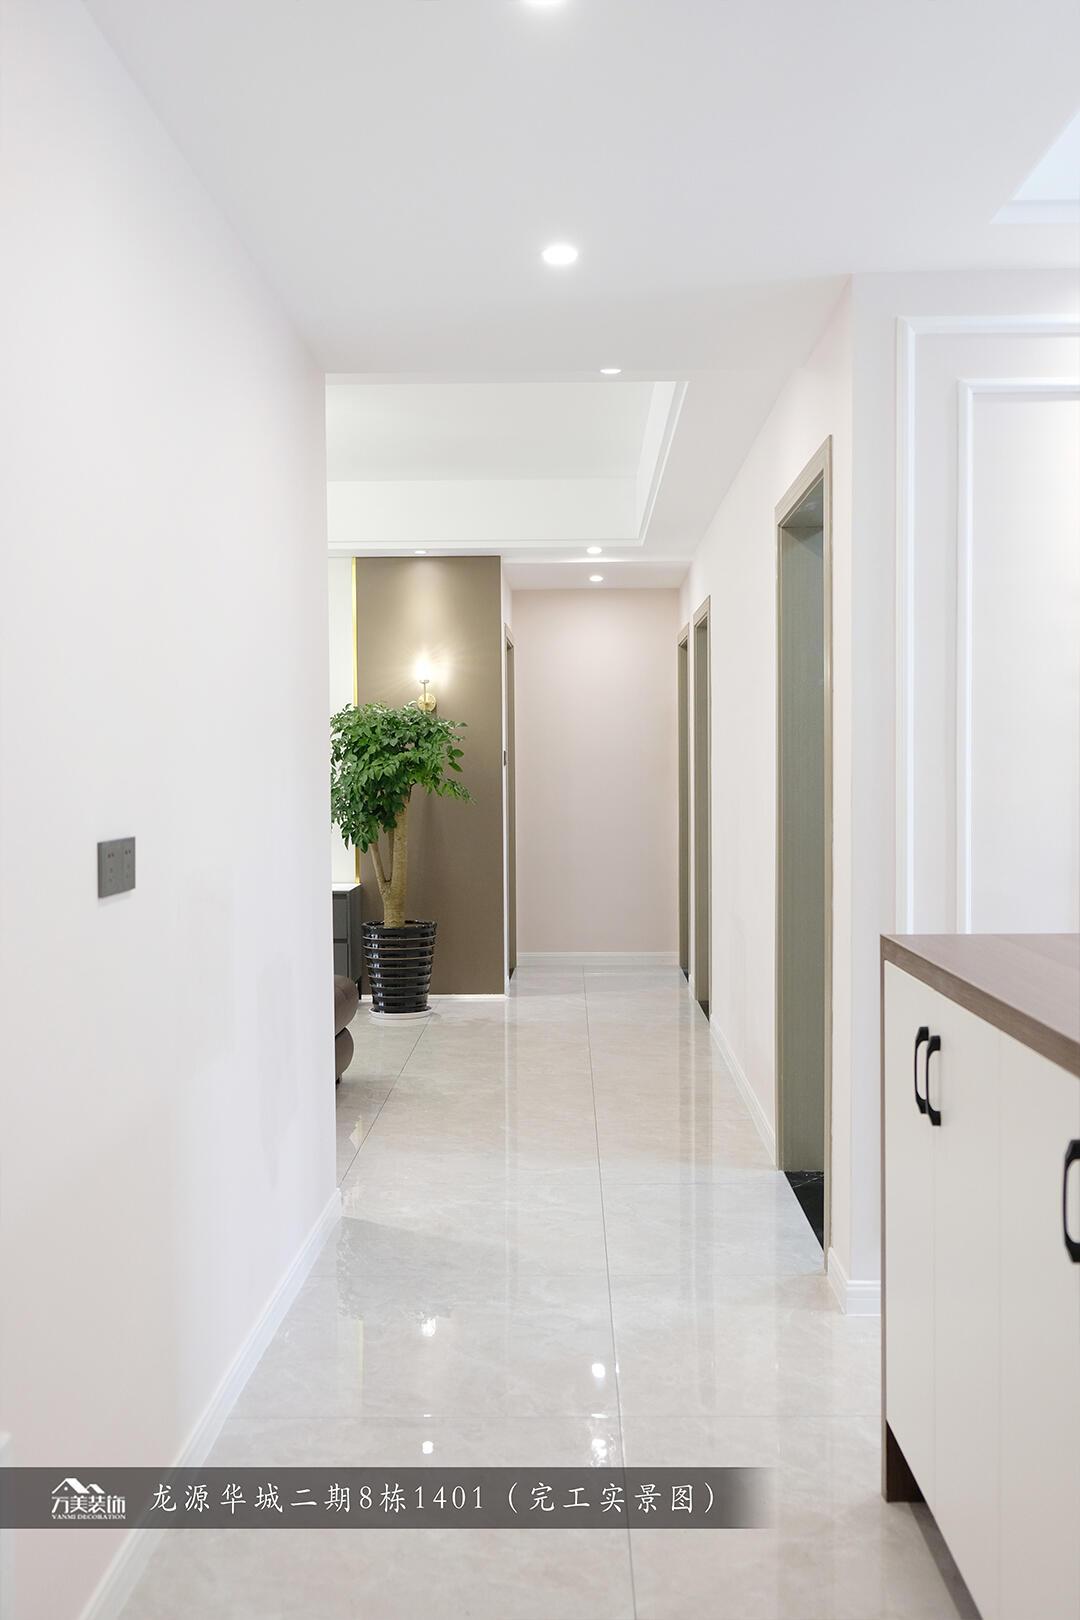 【家之美】第49期 | 130㎡現代風,簡潔明亮的空間,情趣舒適浪漫氣息。